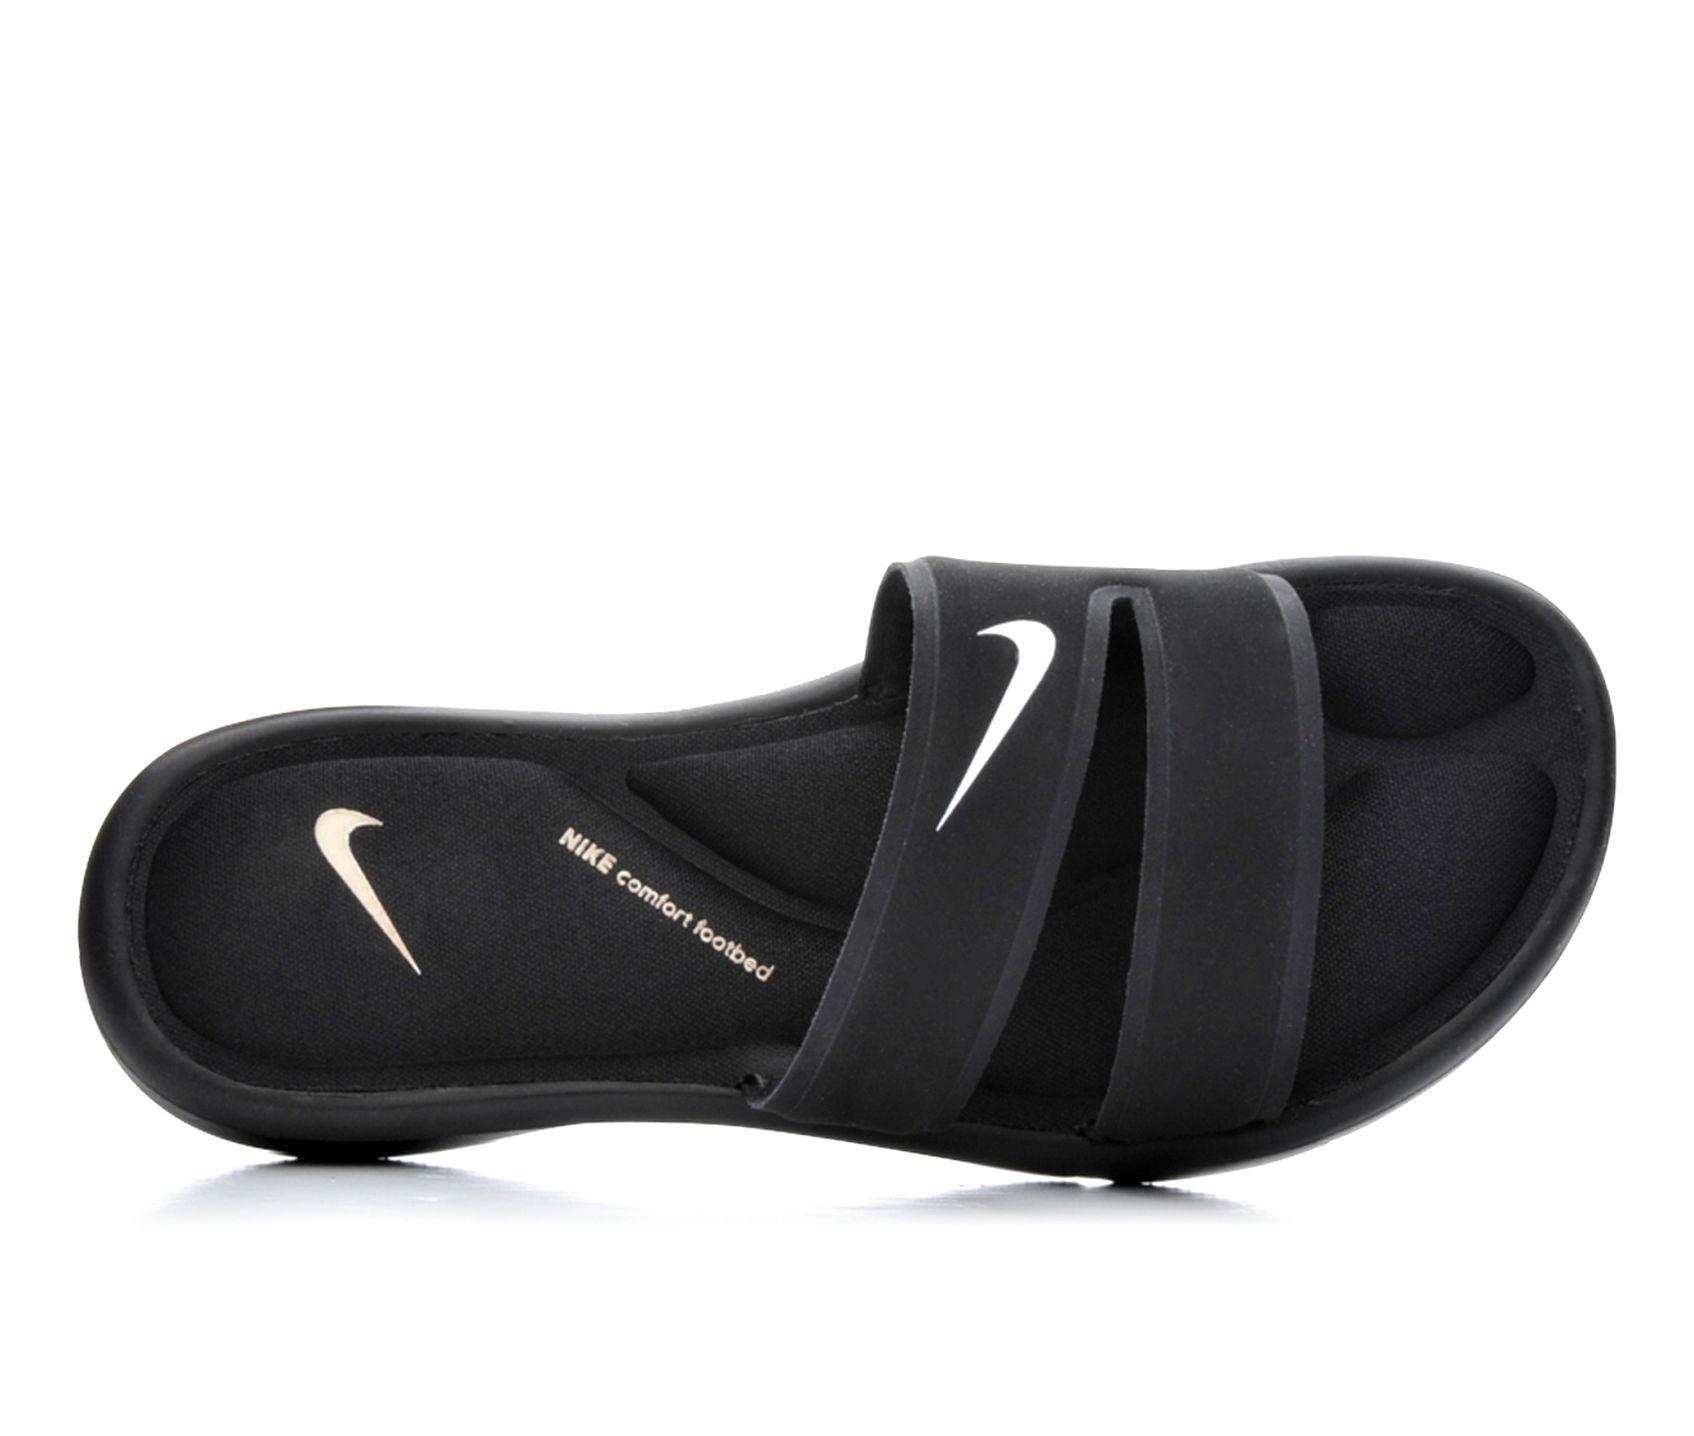 627f062e39a0 Women s Nike Ultra Comfort Slide Sport Sandals